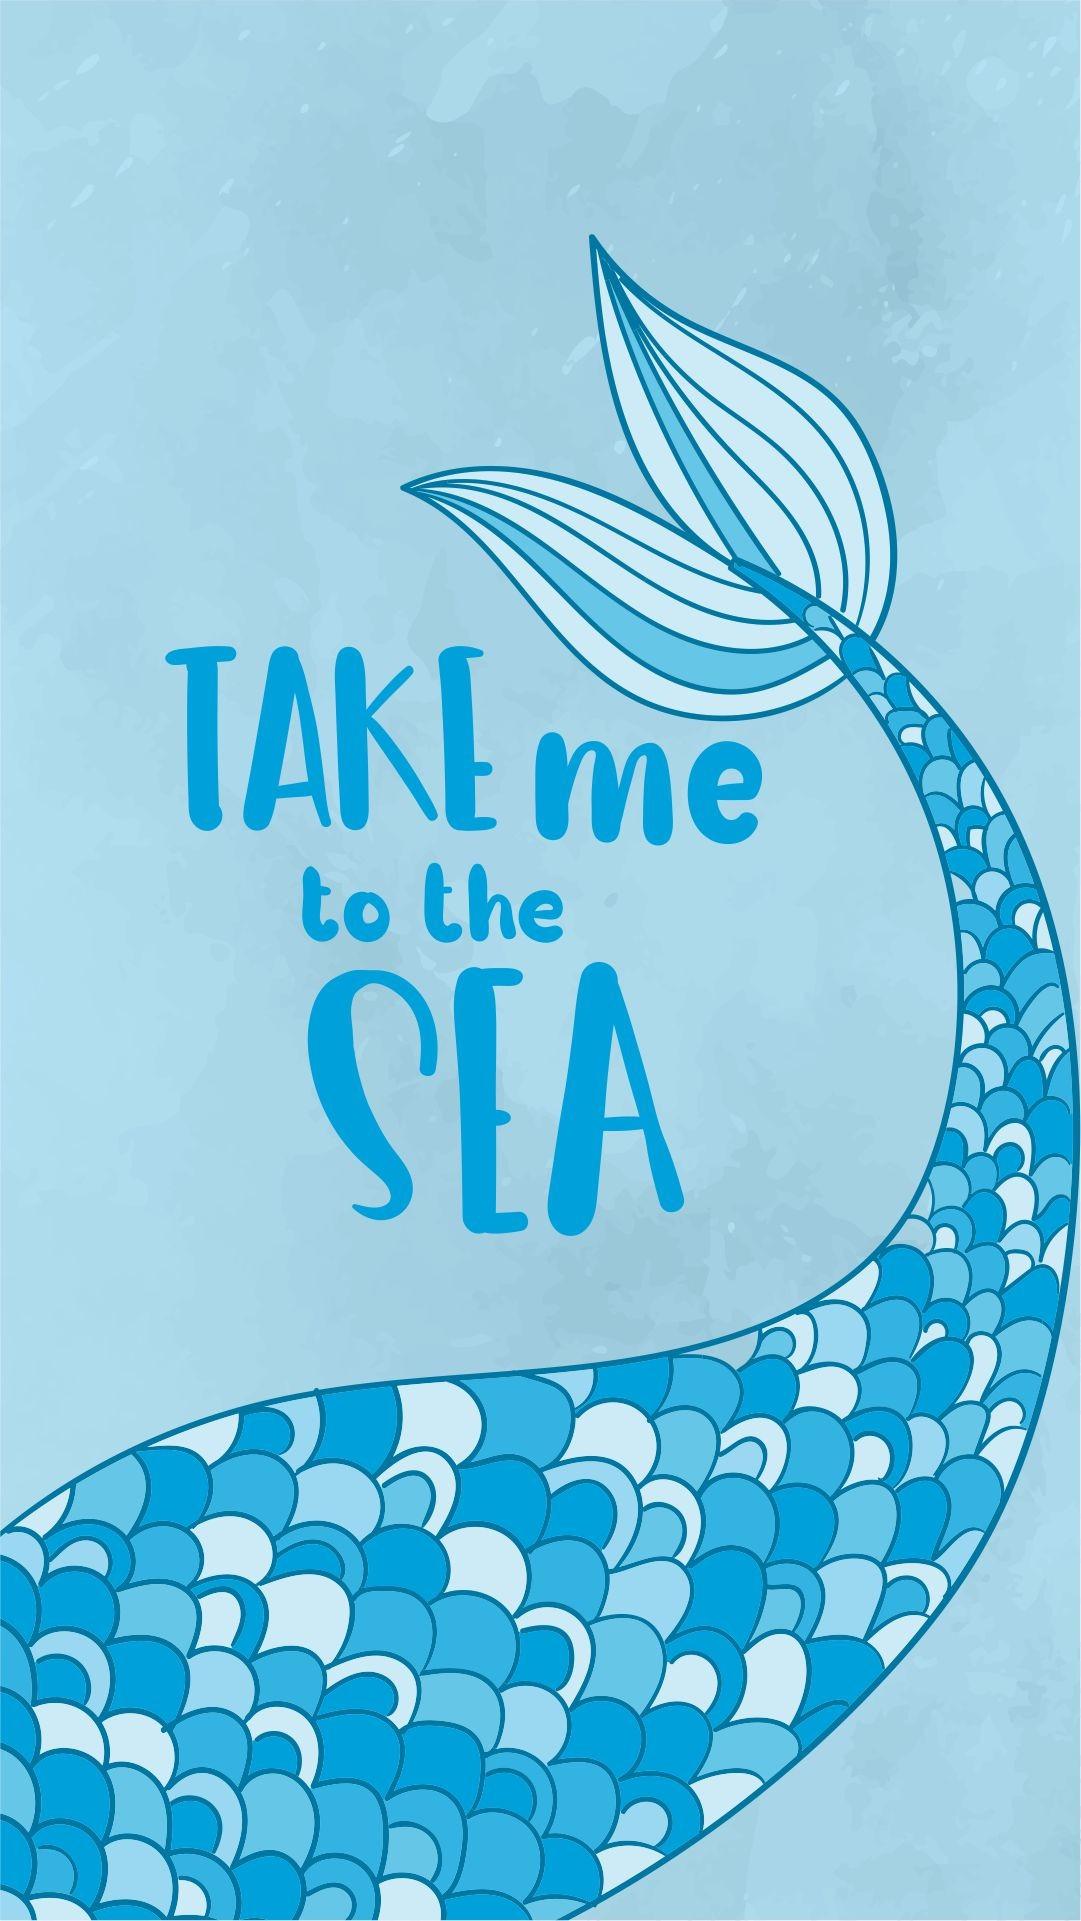 Take me to the sea mermaid iPhone wallpaper background lockscreen